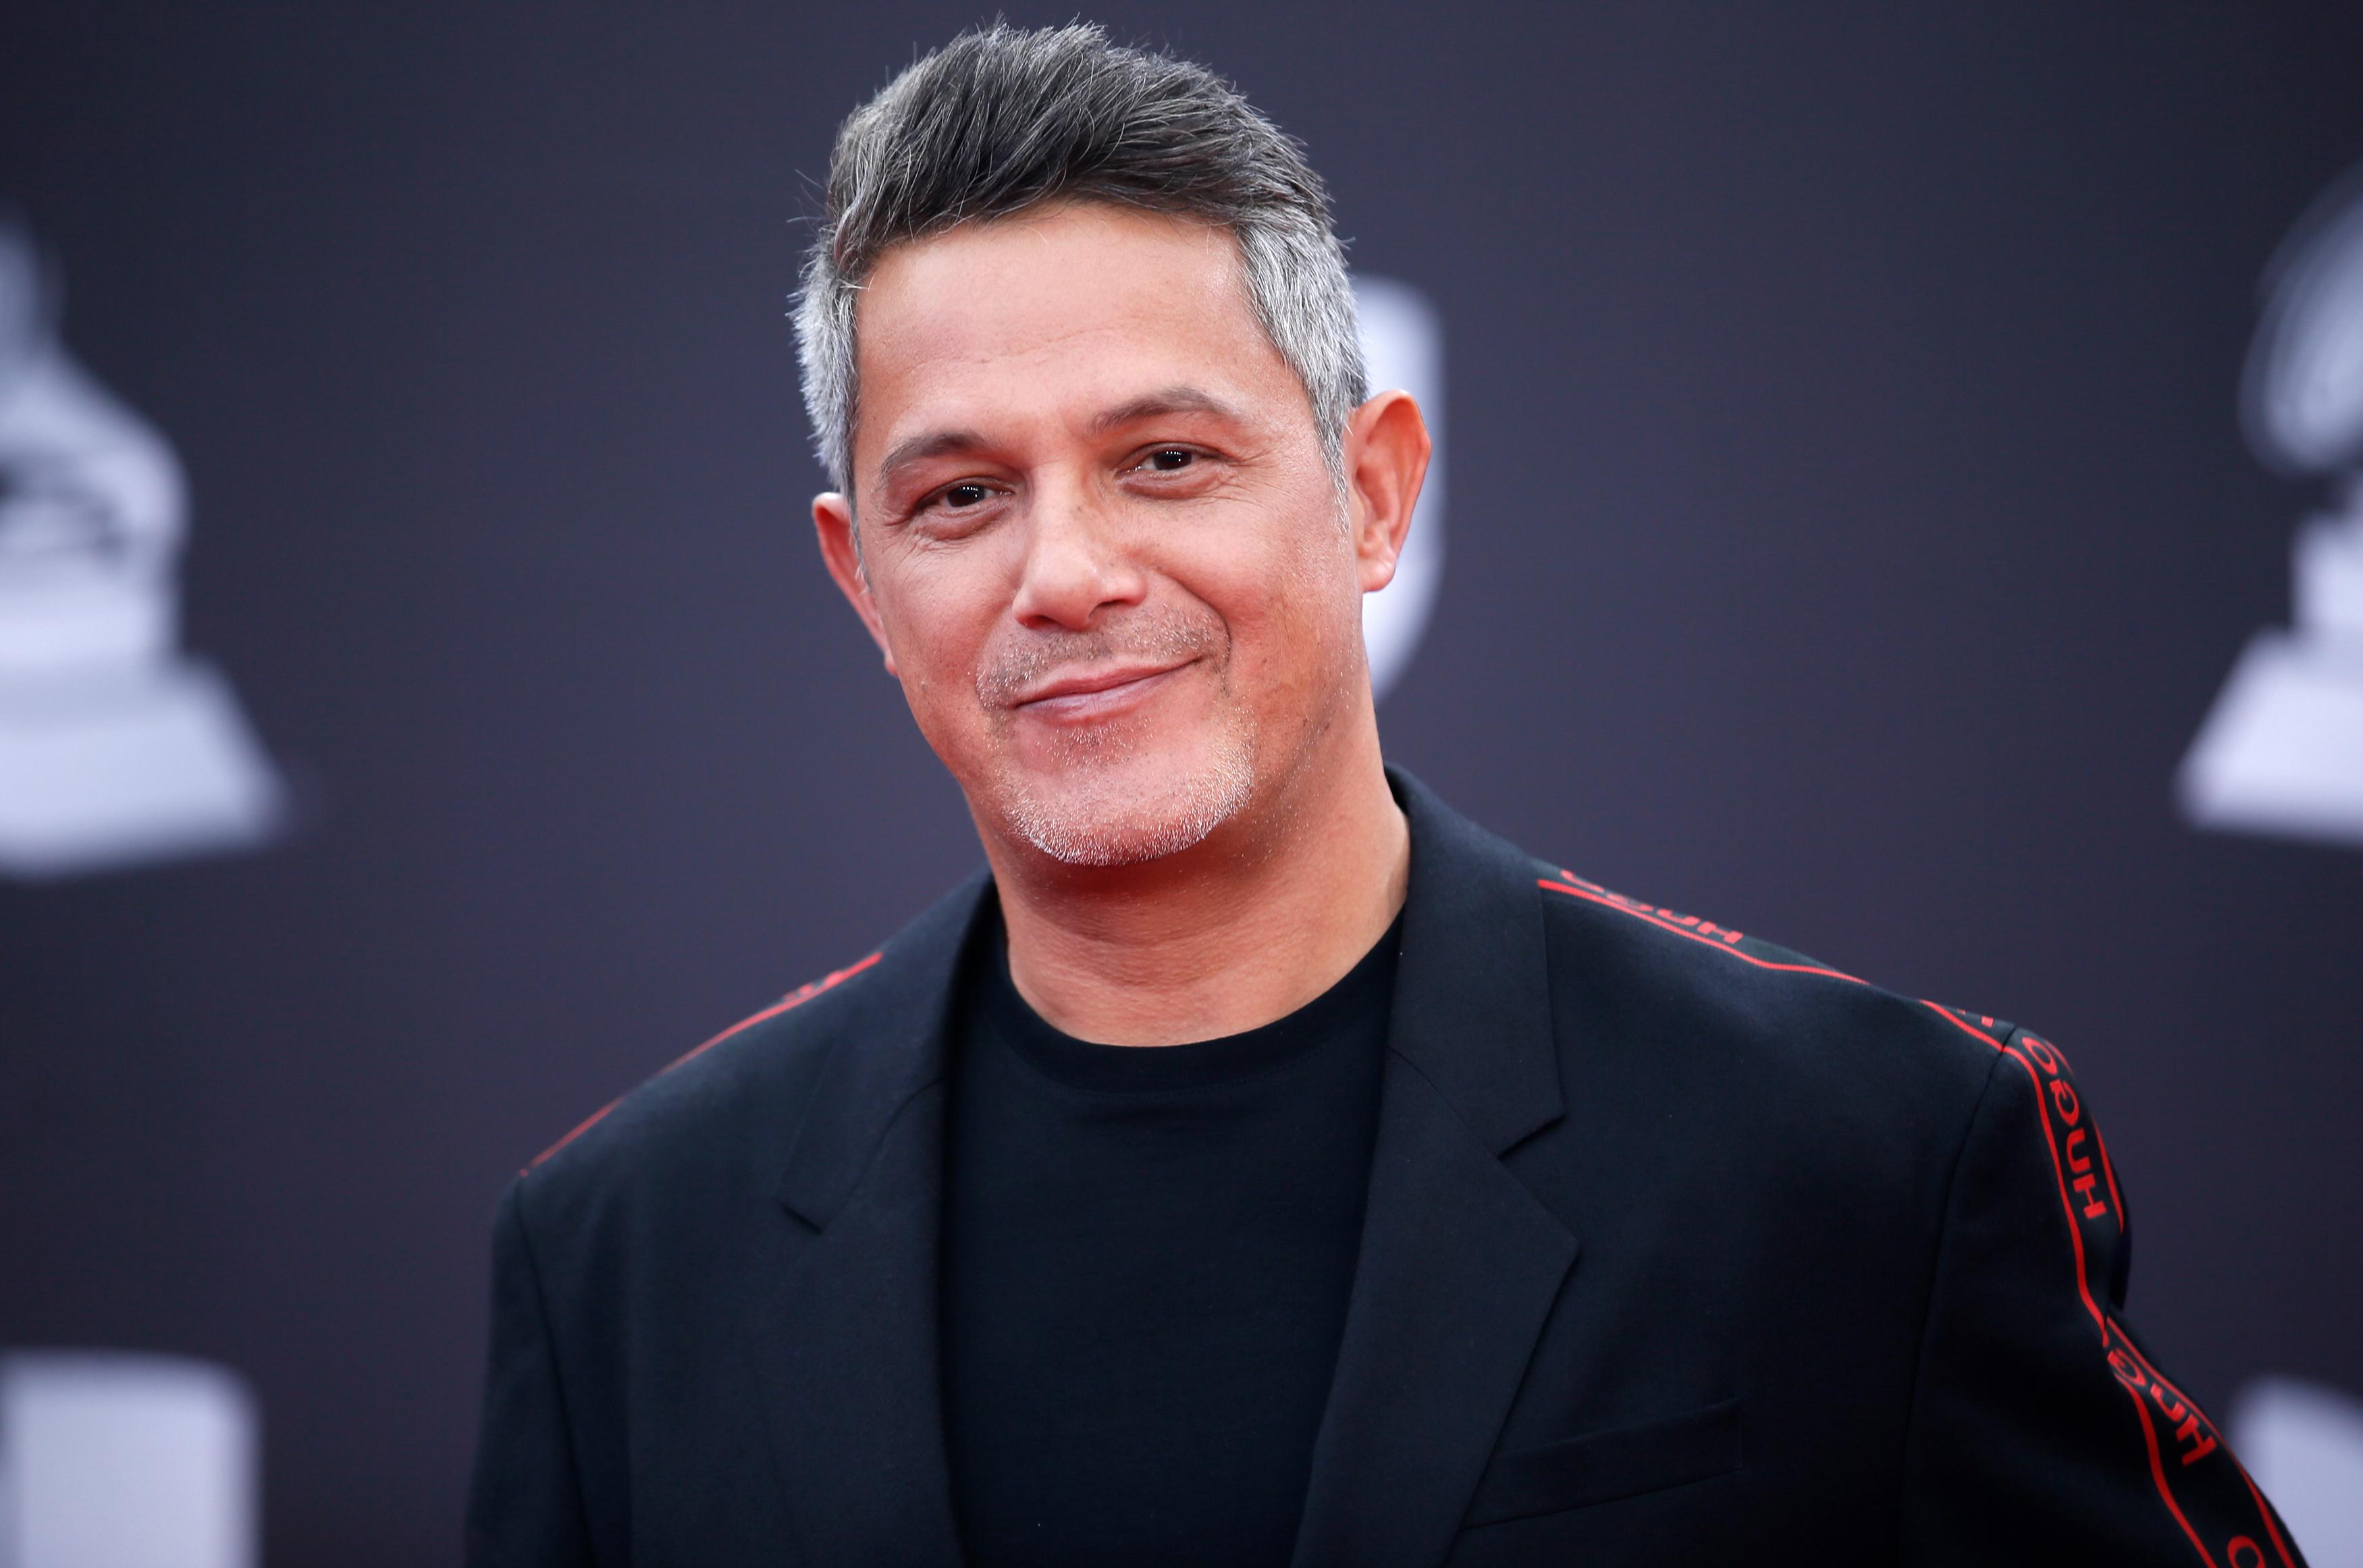 El español Alejandro Sanz, uno de los grandes nominados de los Latin Grammy 2019